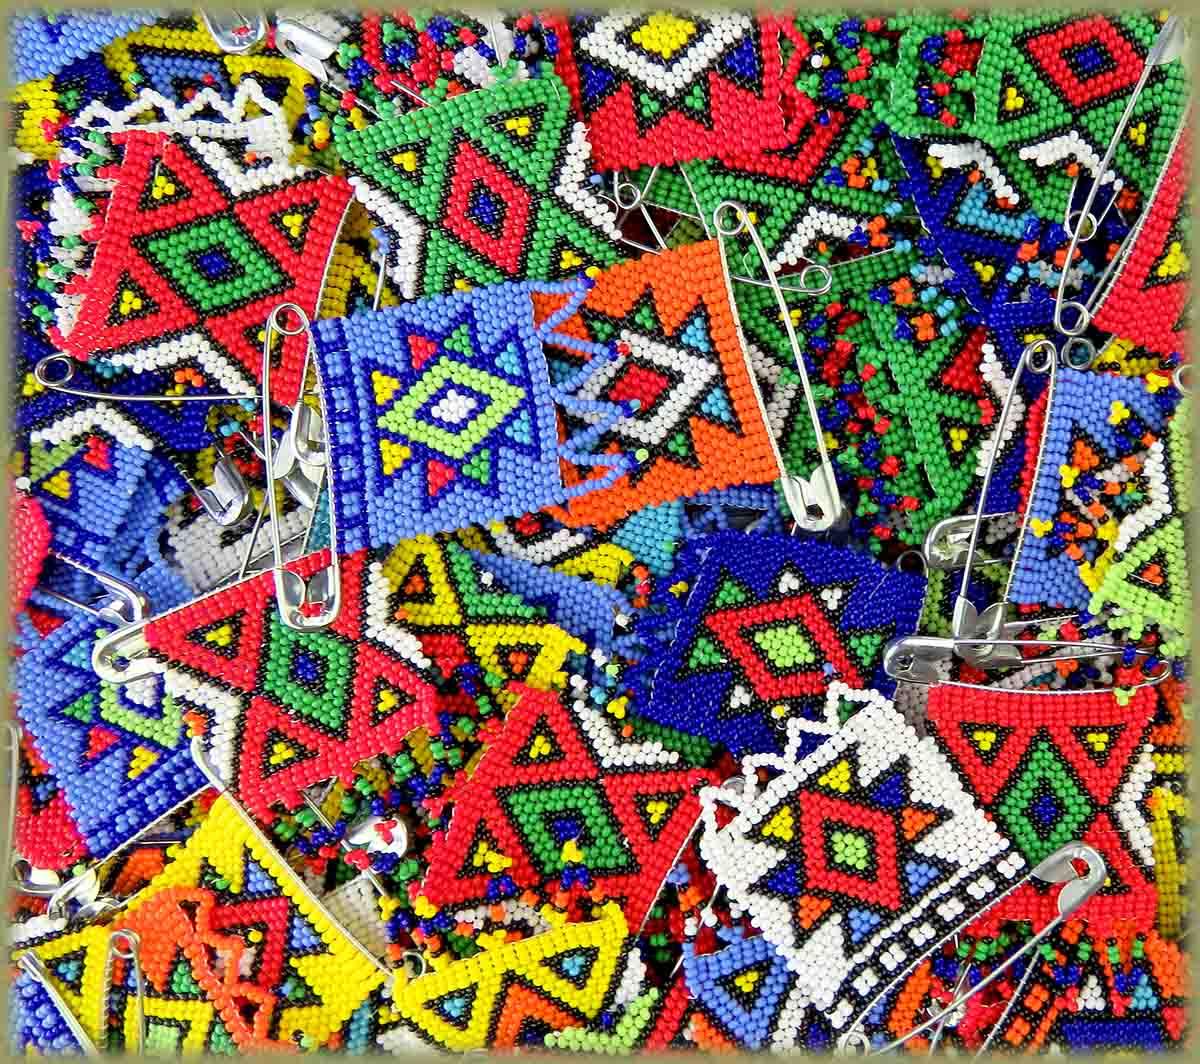 Zulu Love Letter MIXED